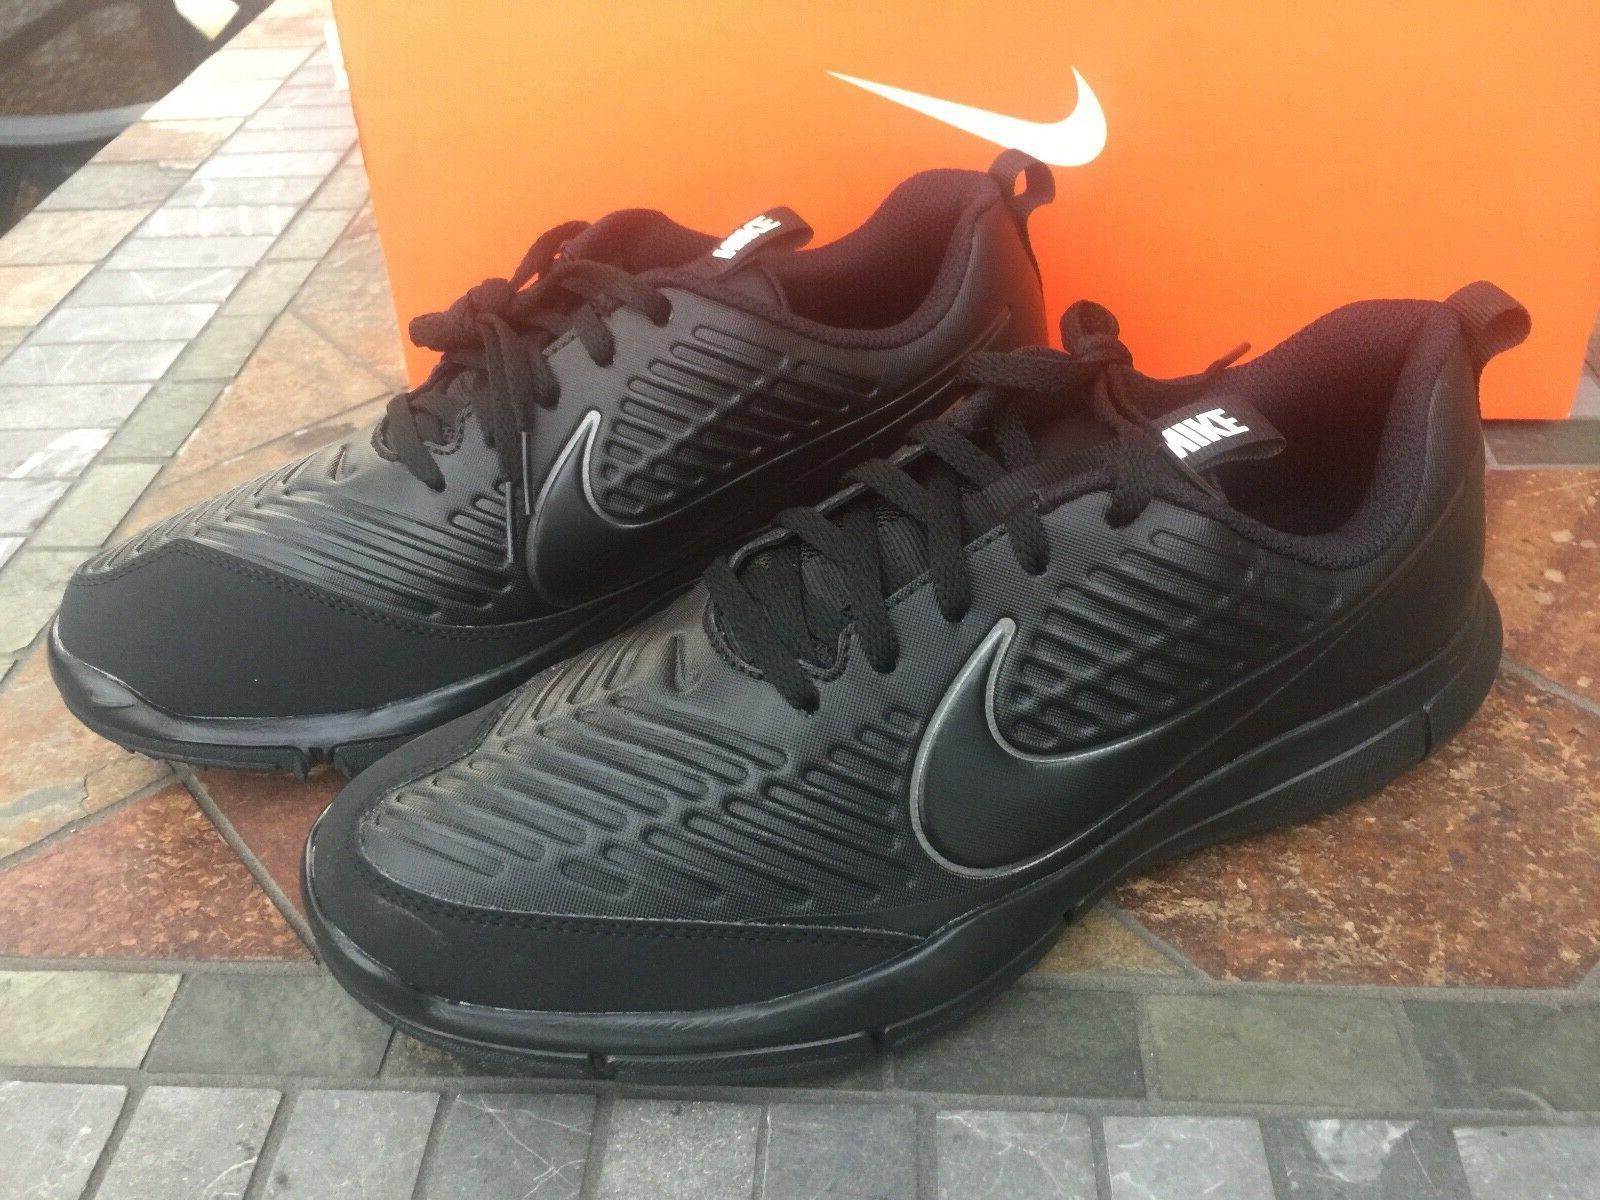 Nike Golf- Explorer 2 Spikeless Golf Shoes